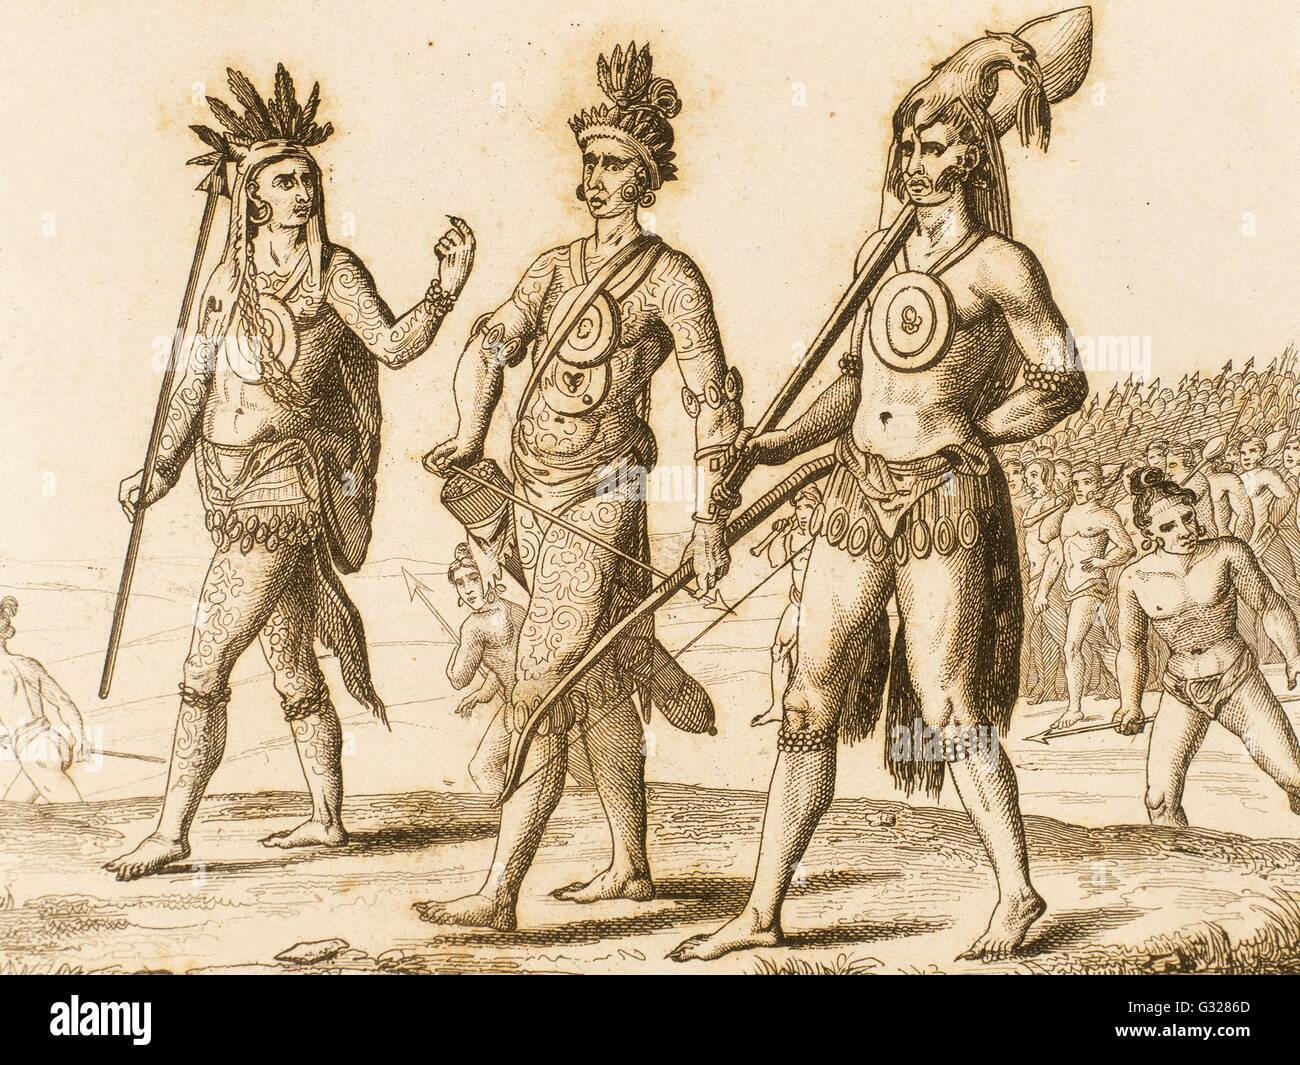 Indianer. 16. Jahrhundert. Kupferstich, 1841. Stockbild